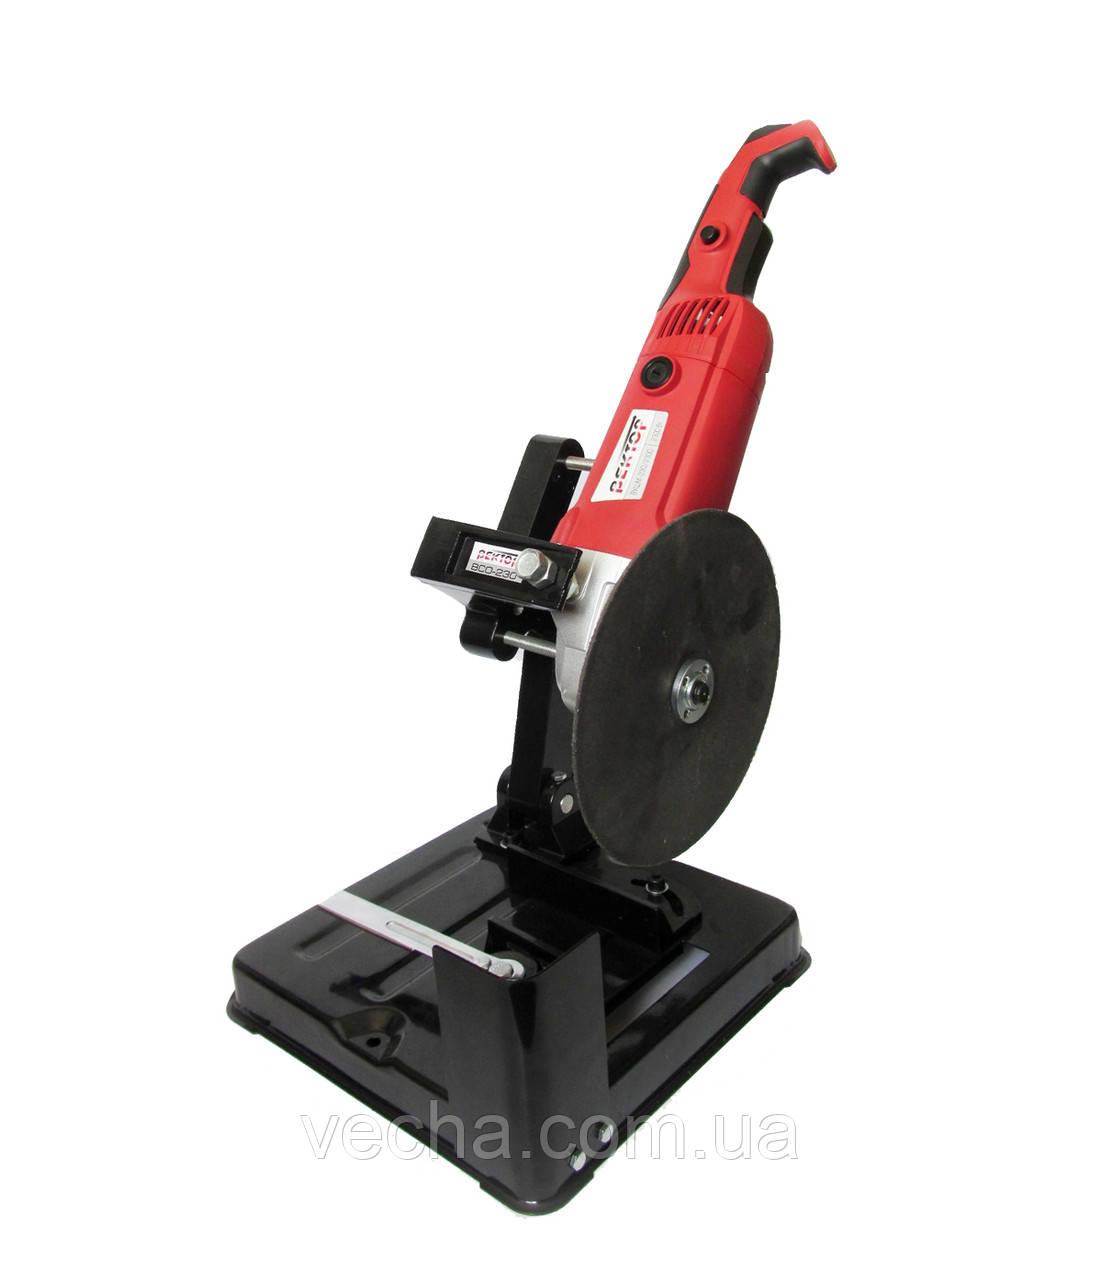 Вектор стойка отрезная ВСО-230 (повор. тиски, усил. конструкция)